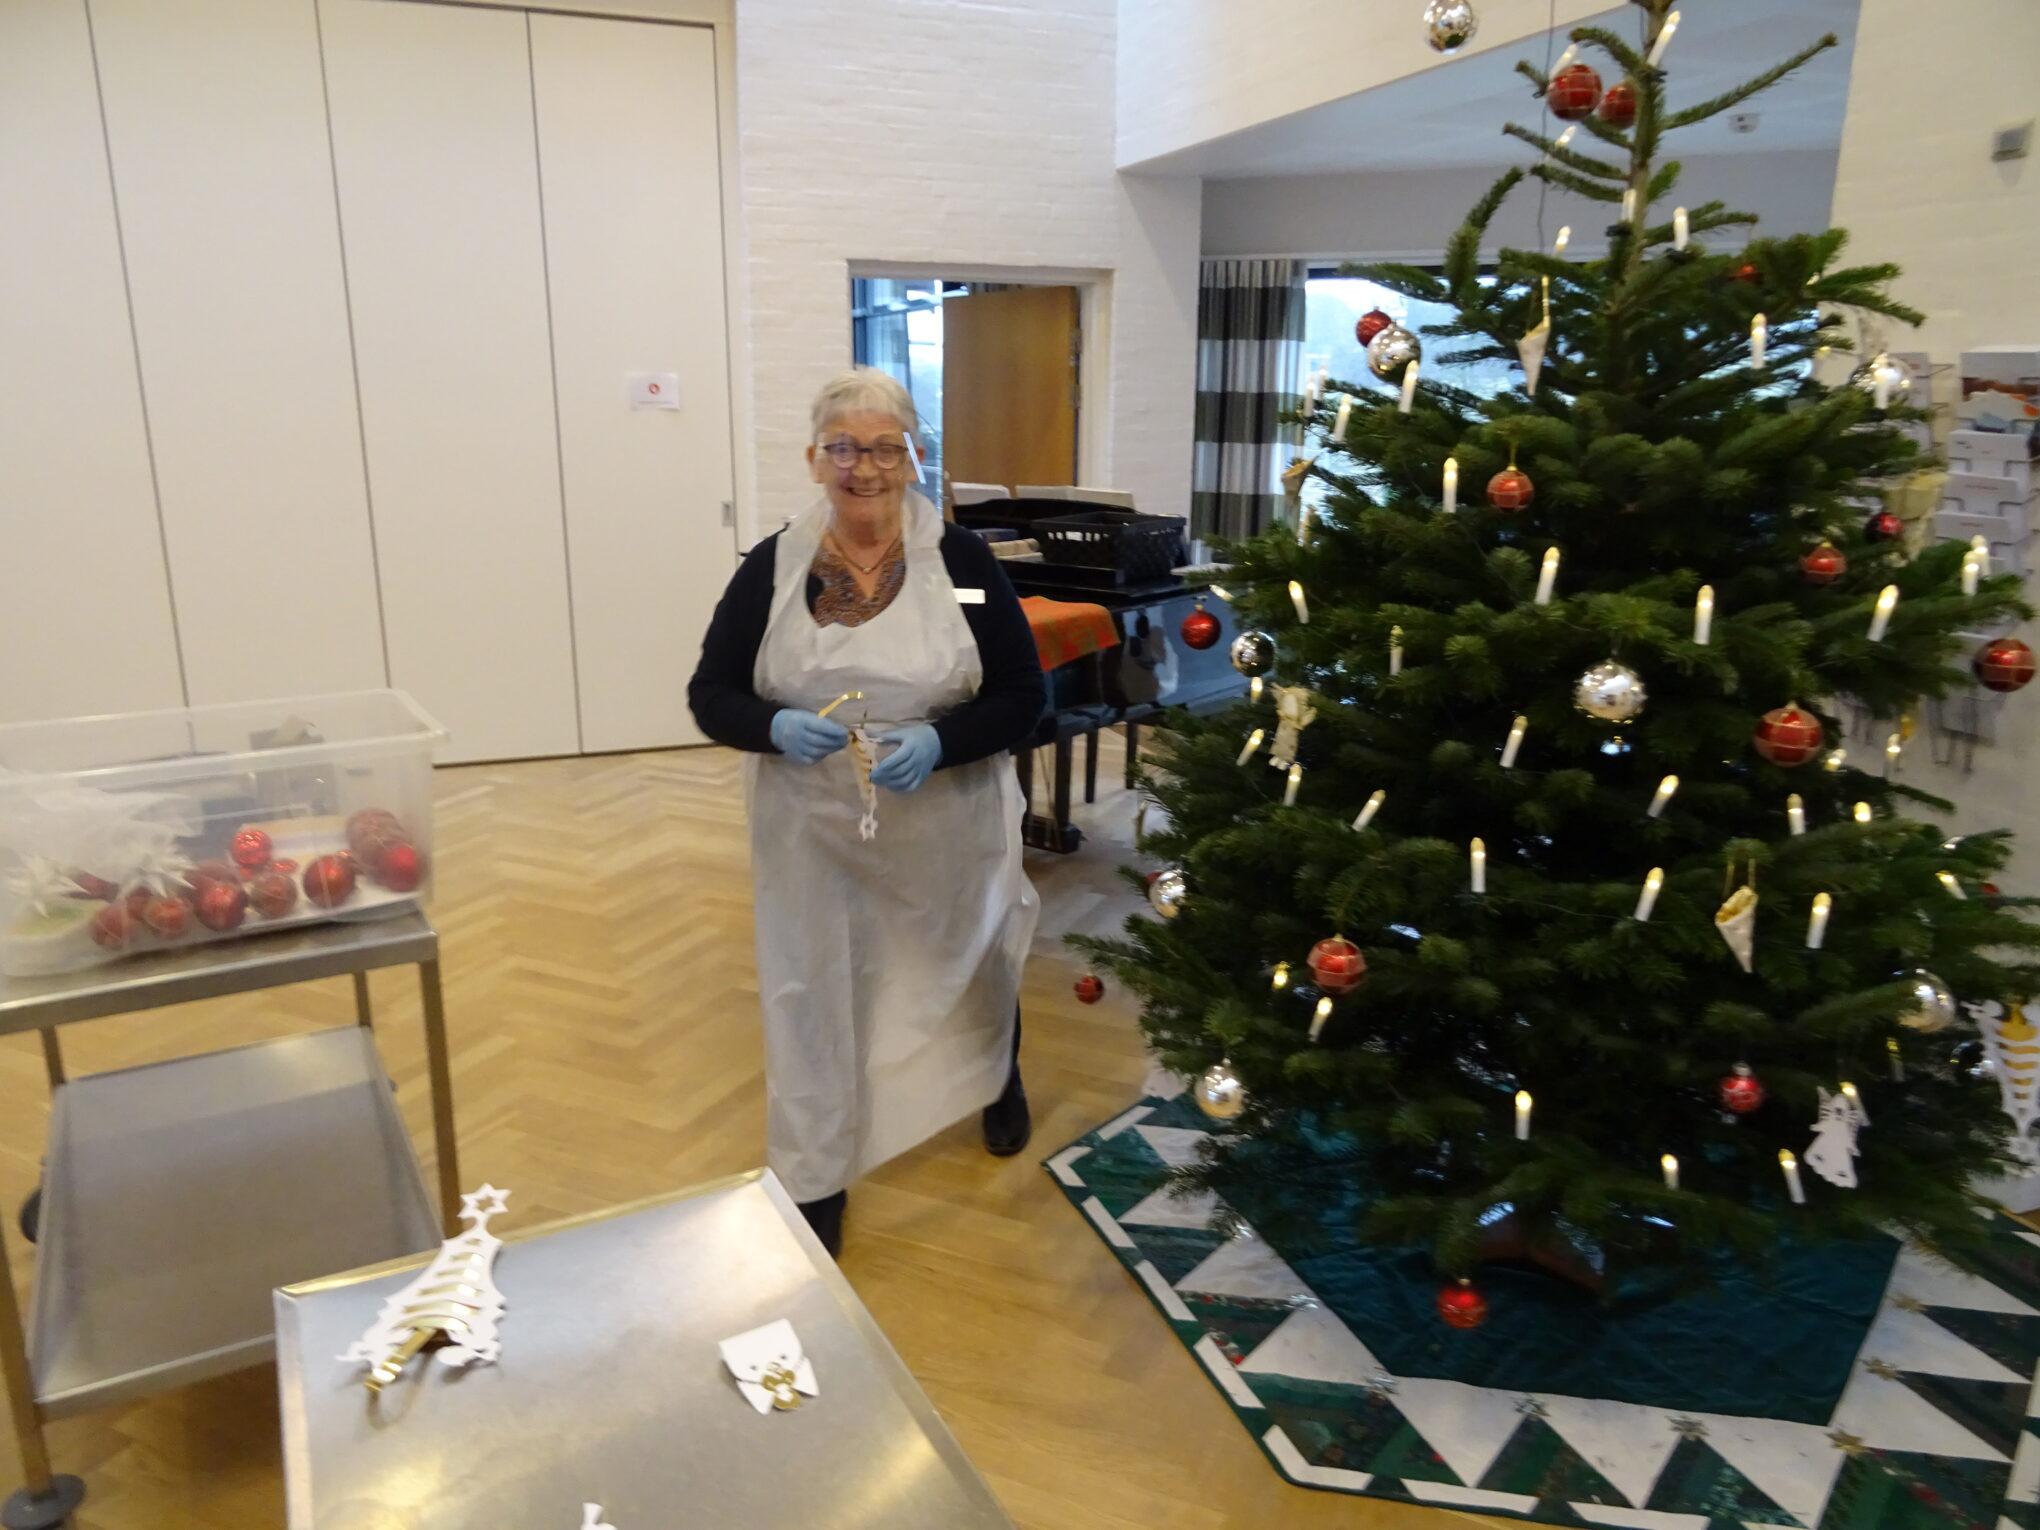 Juletræet bliver pyntet